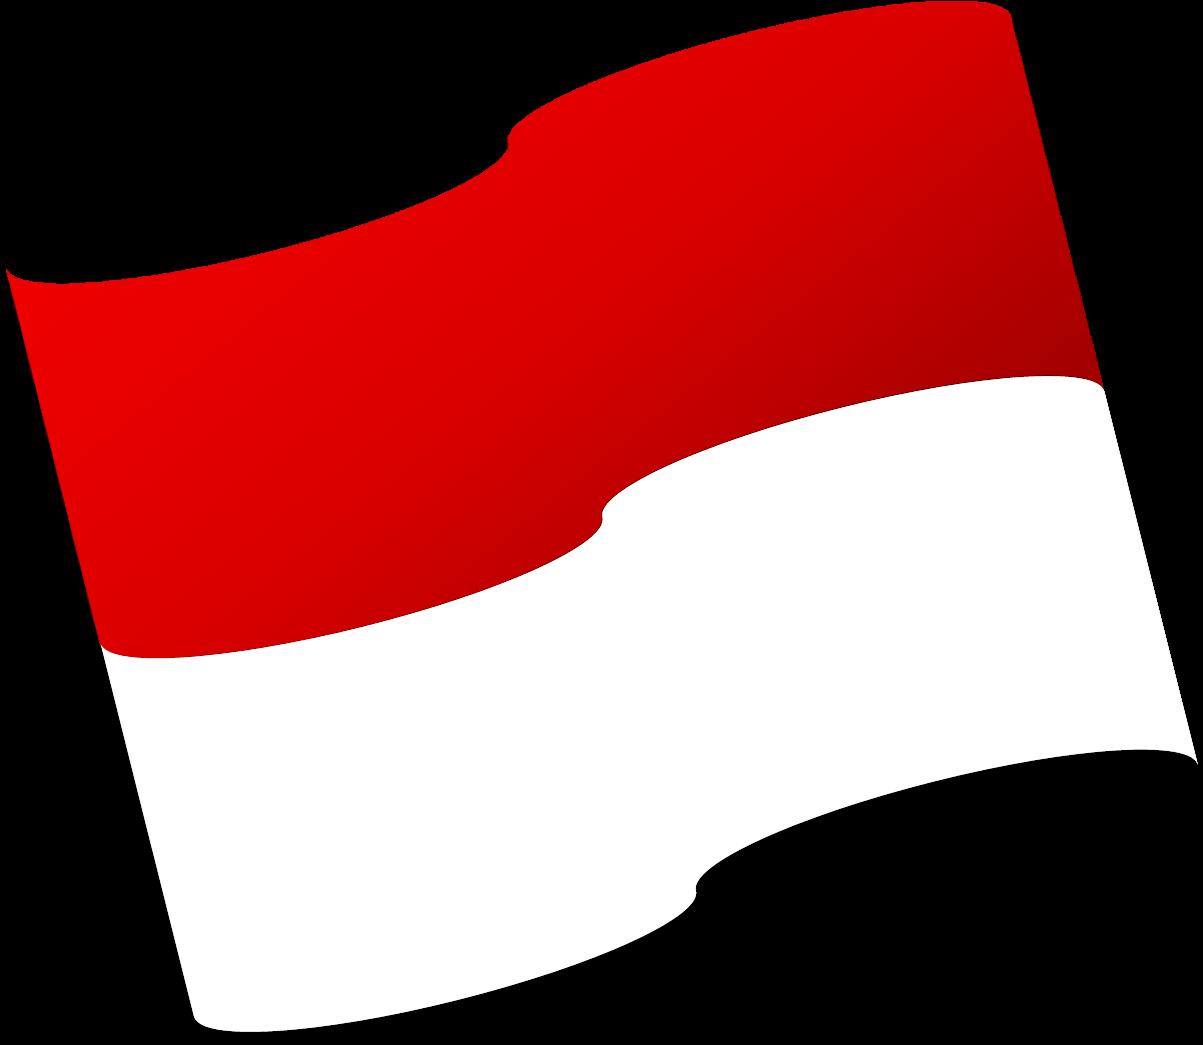 Unduh 63 Background Merah Putih Animasi HD Gratis